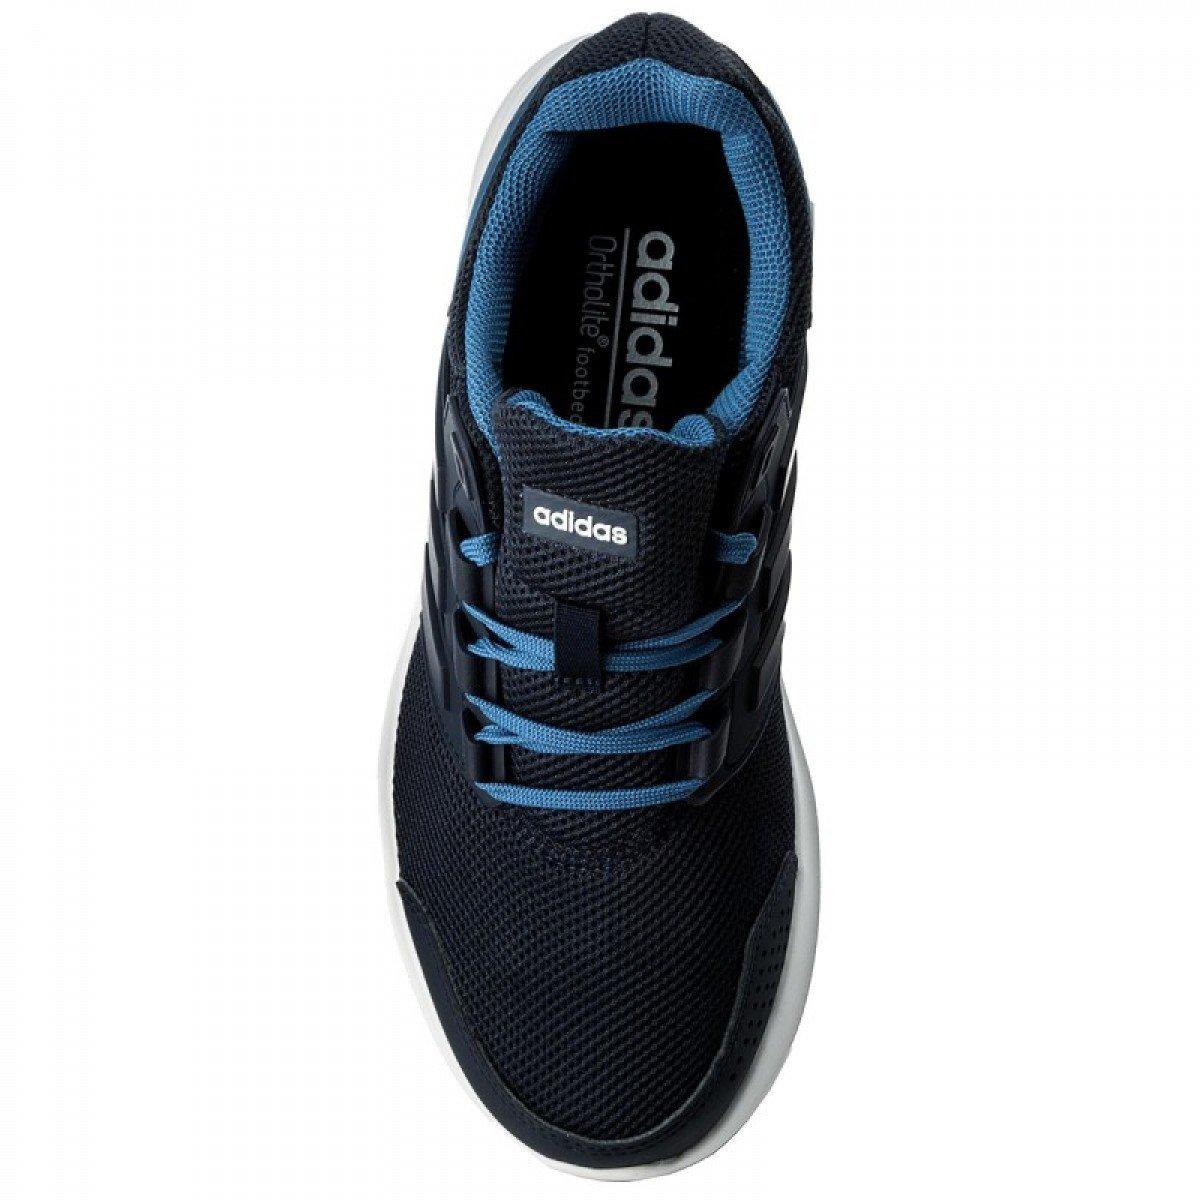 f1d944b155 Tênis Adidas Galaxy 4 Masculino Marinho - Compre Agora I Cabana Magazine